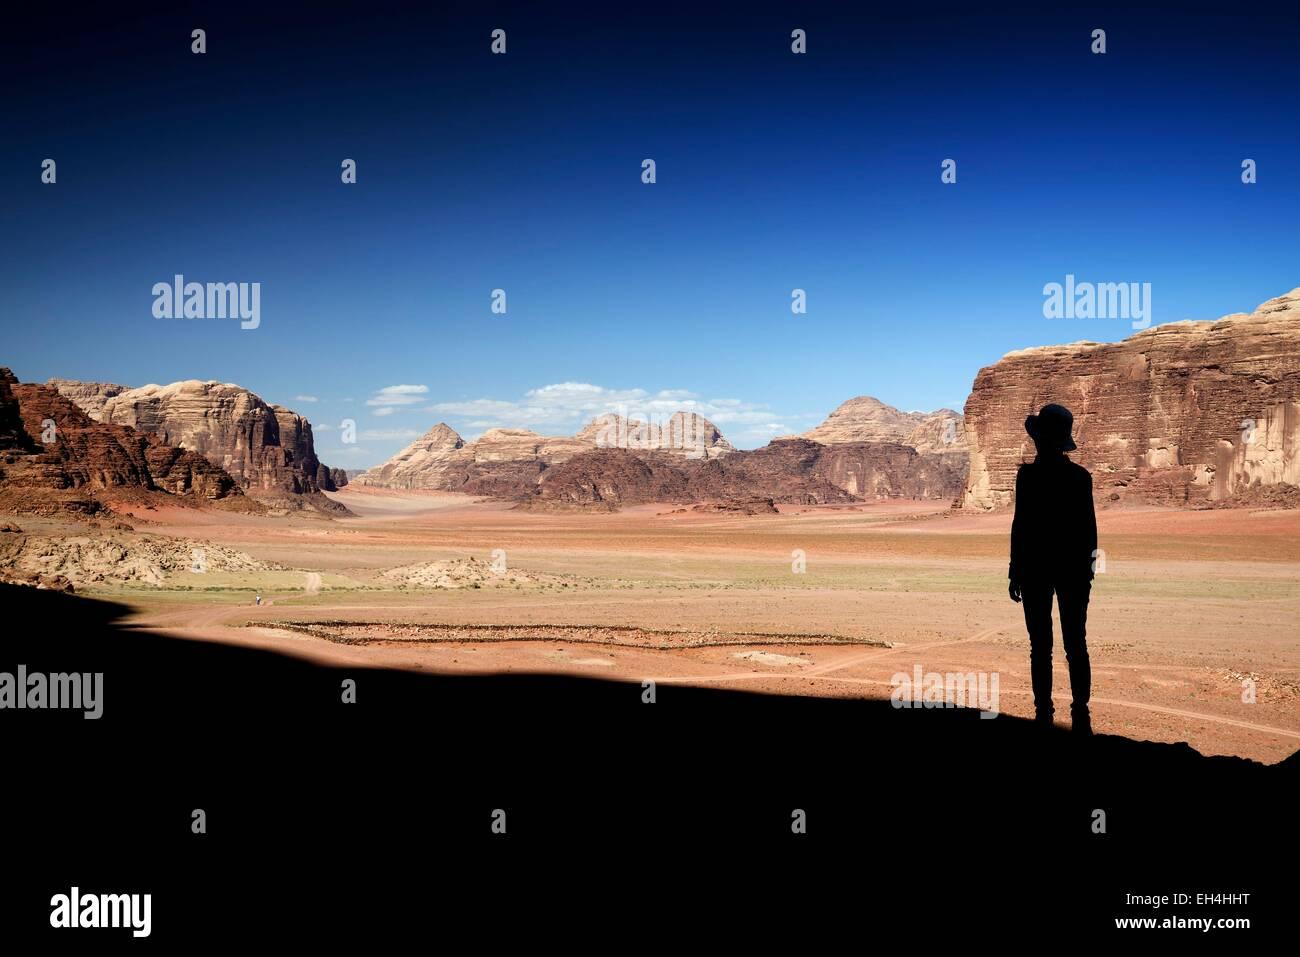 Giordania, Wadi Rum desert, area protetta elencati come patrimonio mondiale dall' UNESCO, silhouette di donna Immagini Stock